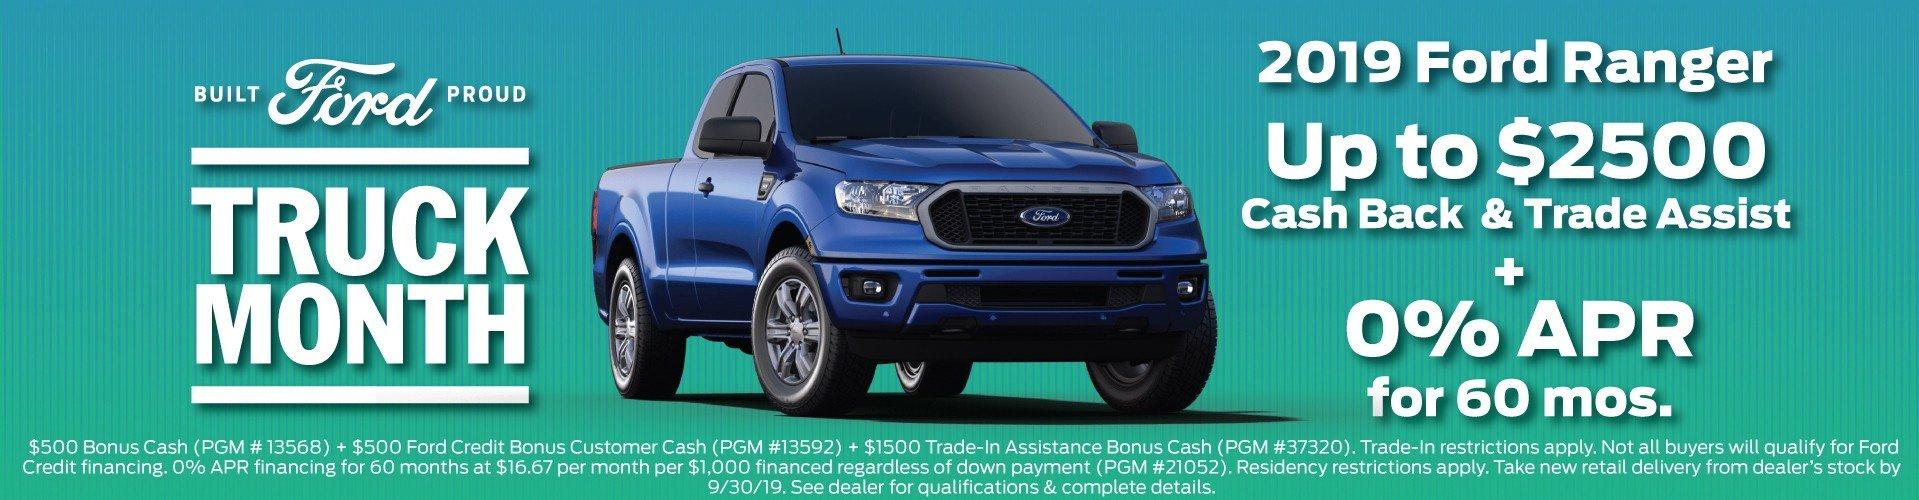 2019 Ford Ranger Offer 9-30-2019